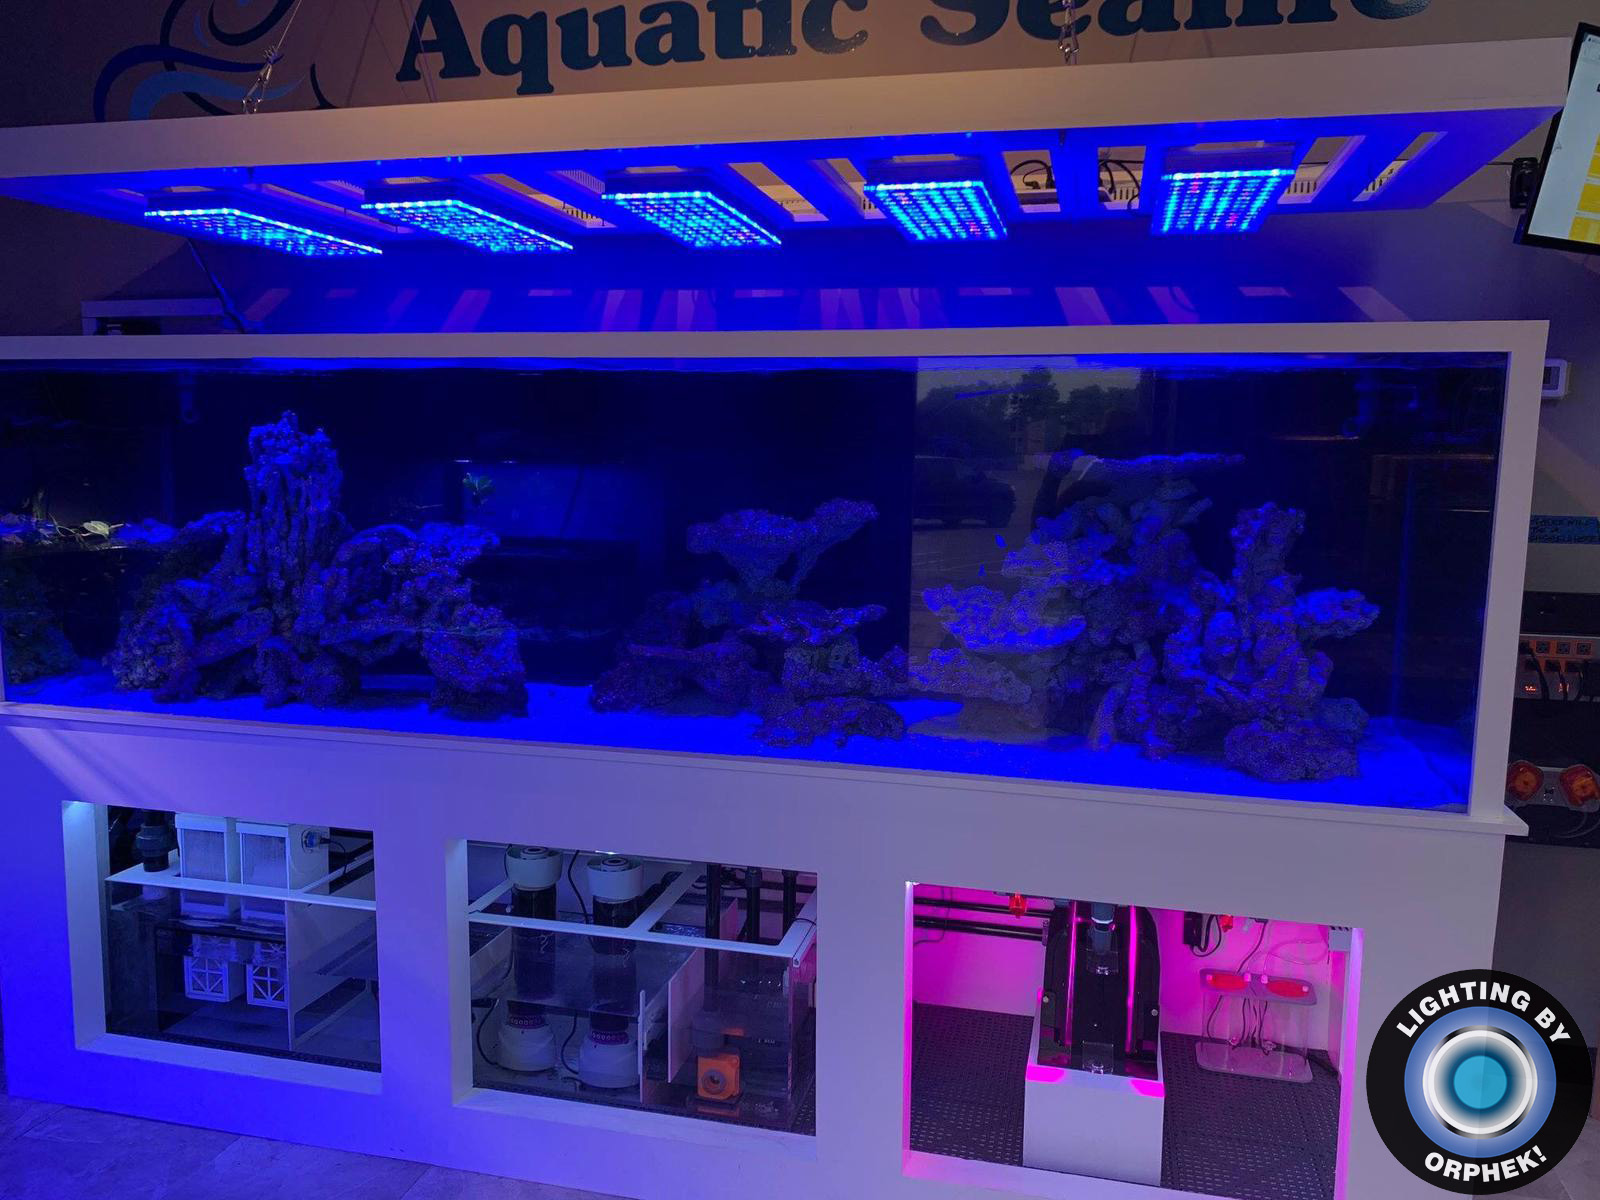 melhor enorme tanque de recife de iluminação LED 2020